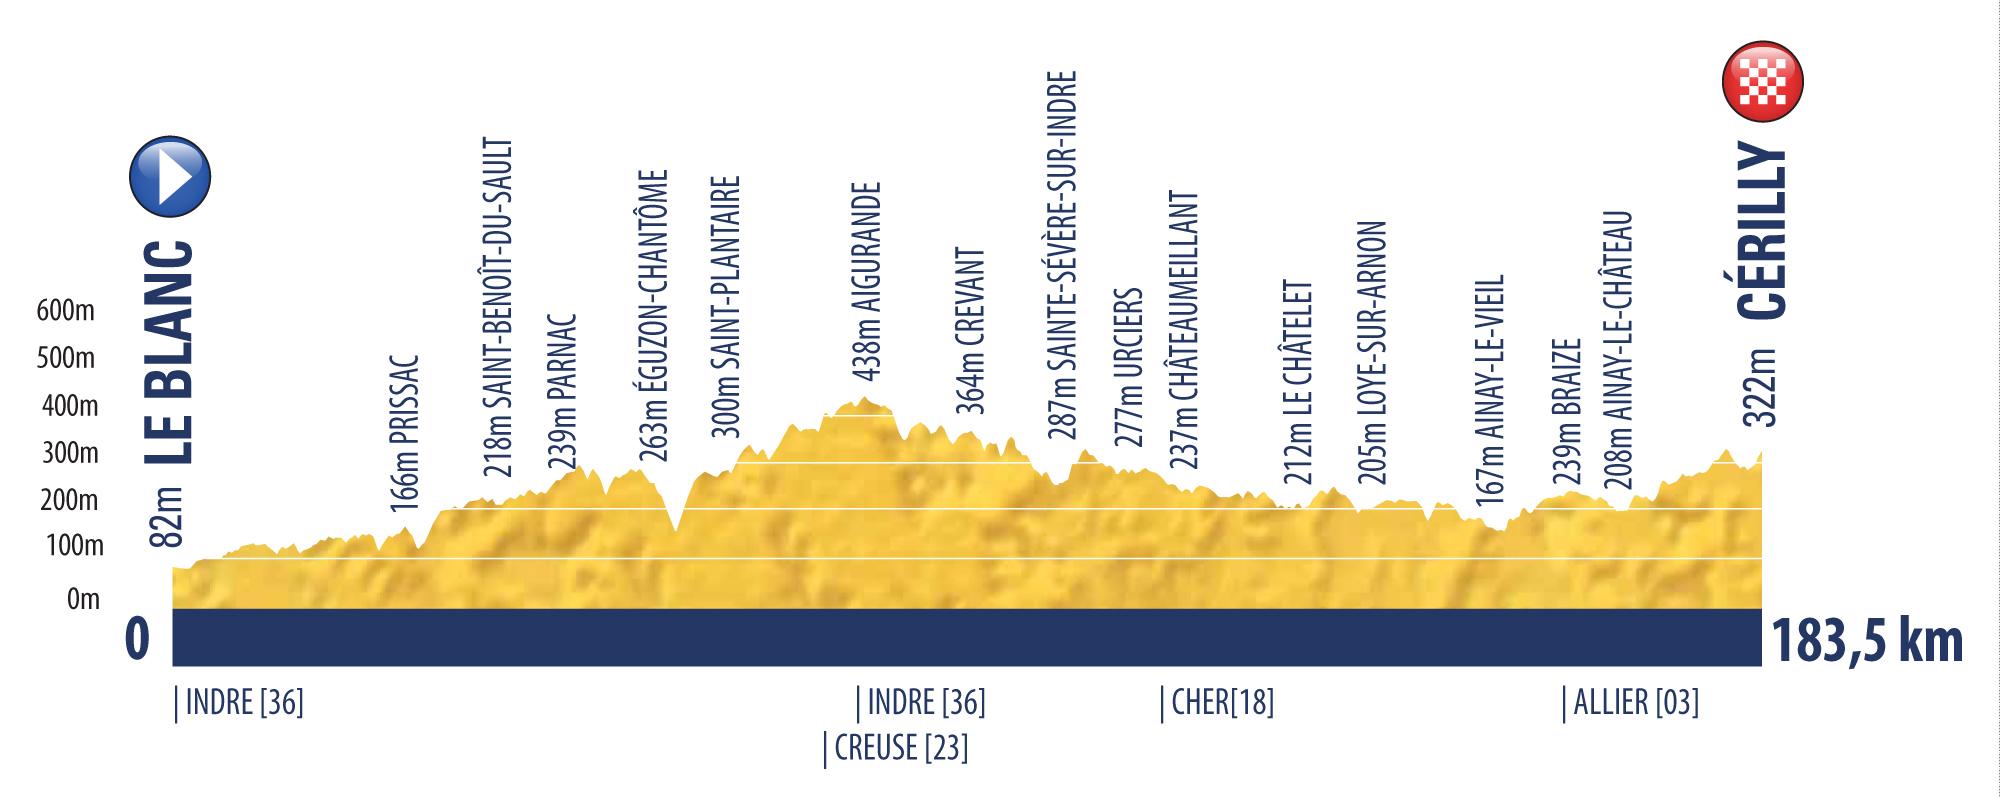 etappe 6 Tour de l'Avenir 2018